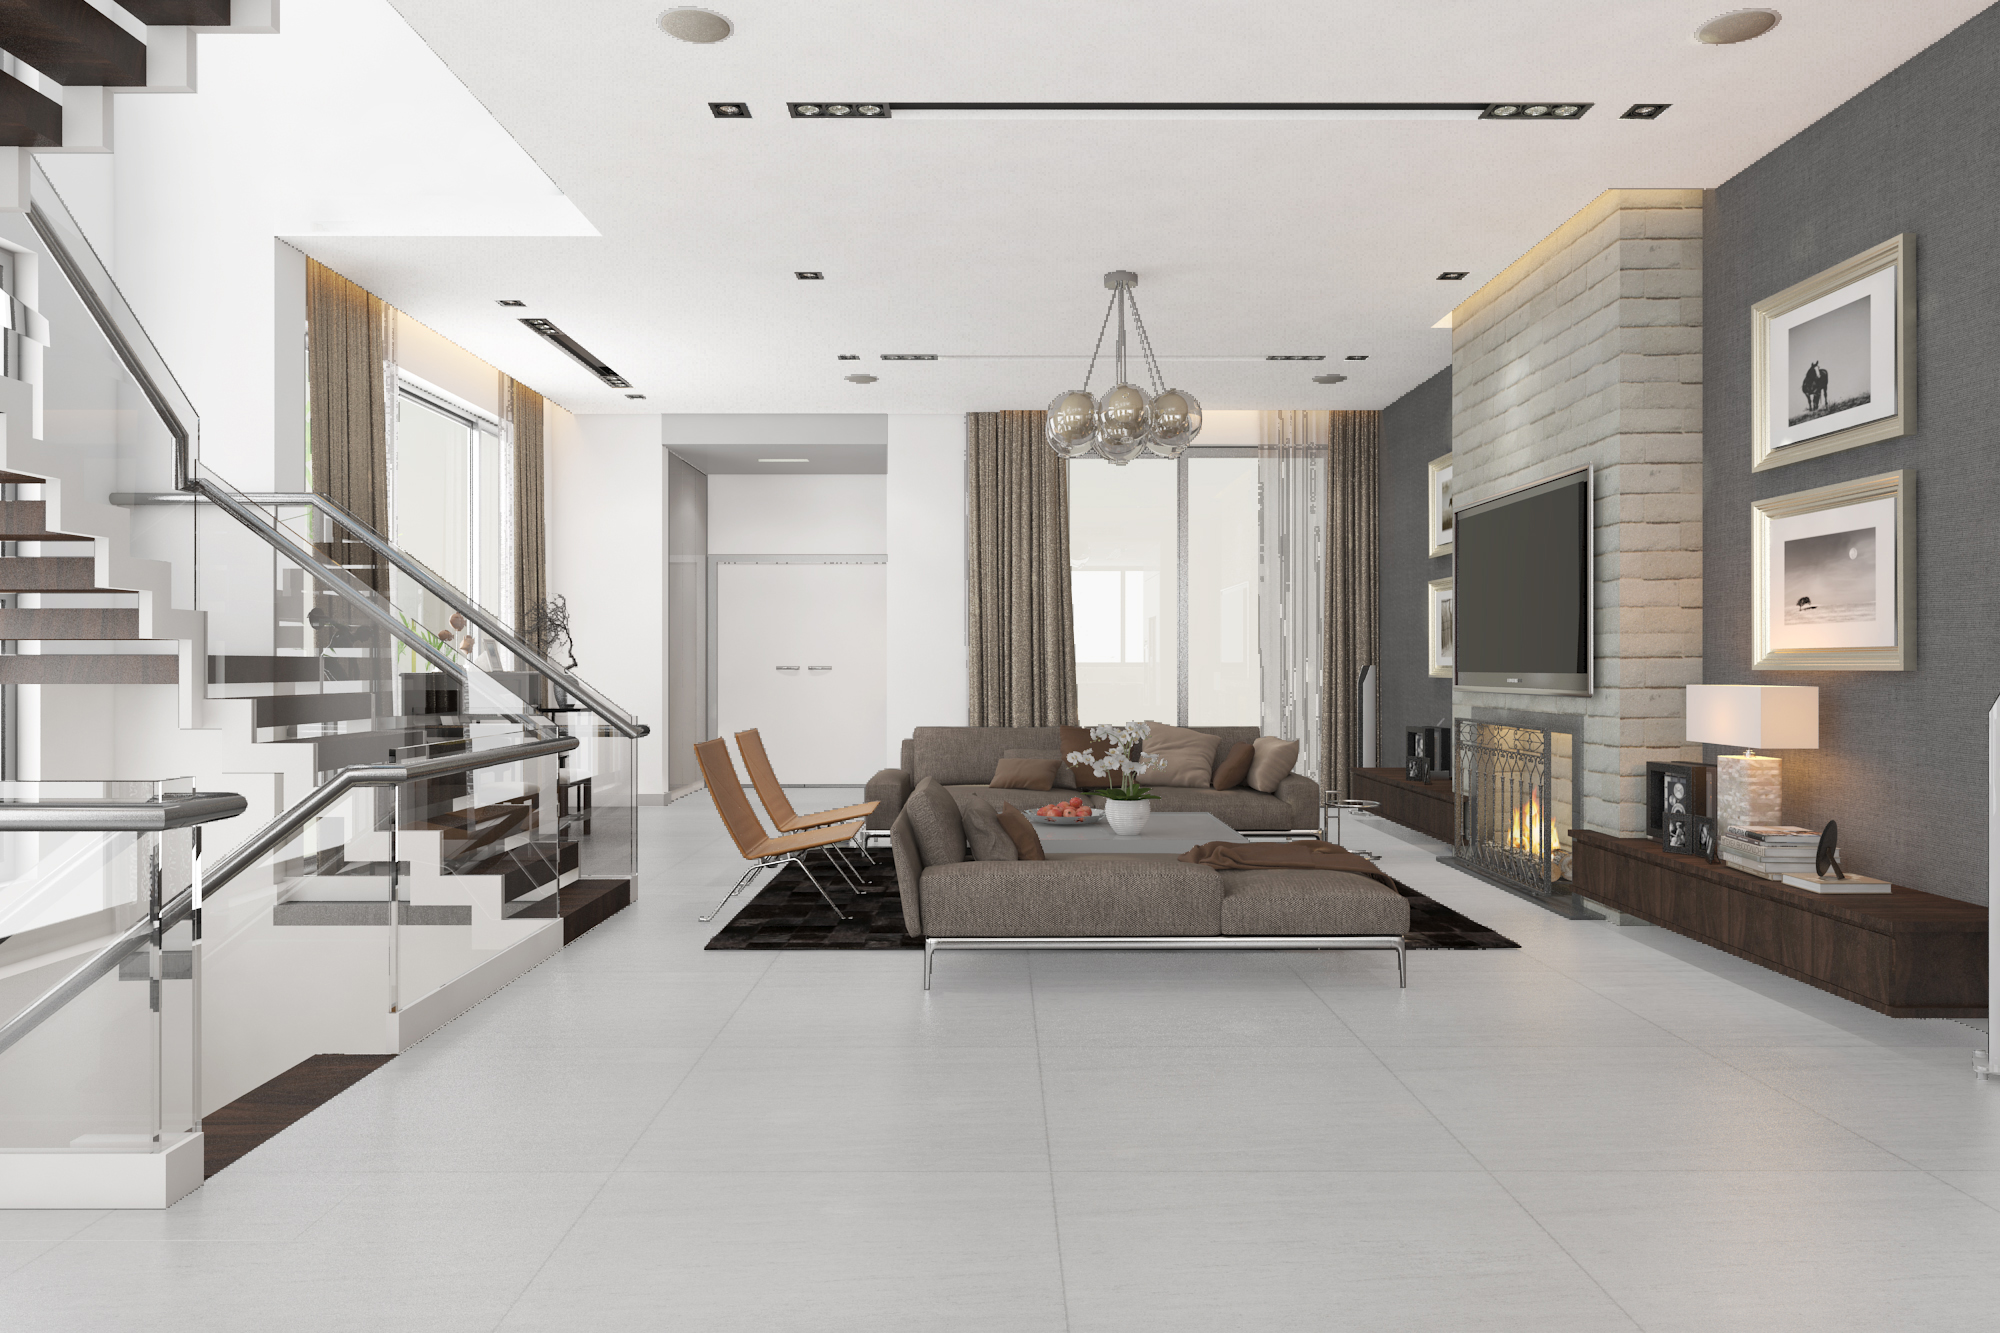 thiết kế nội thất Biệt Thự tại Hà Nội bt Vinhomes - riverside 19 1568085346